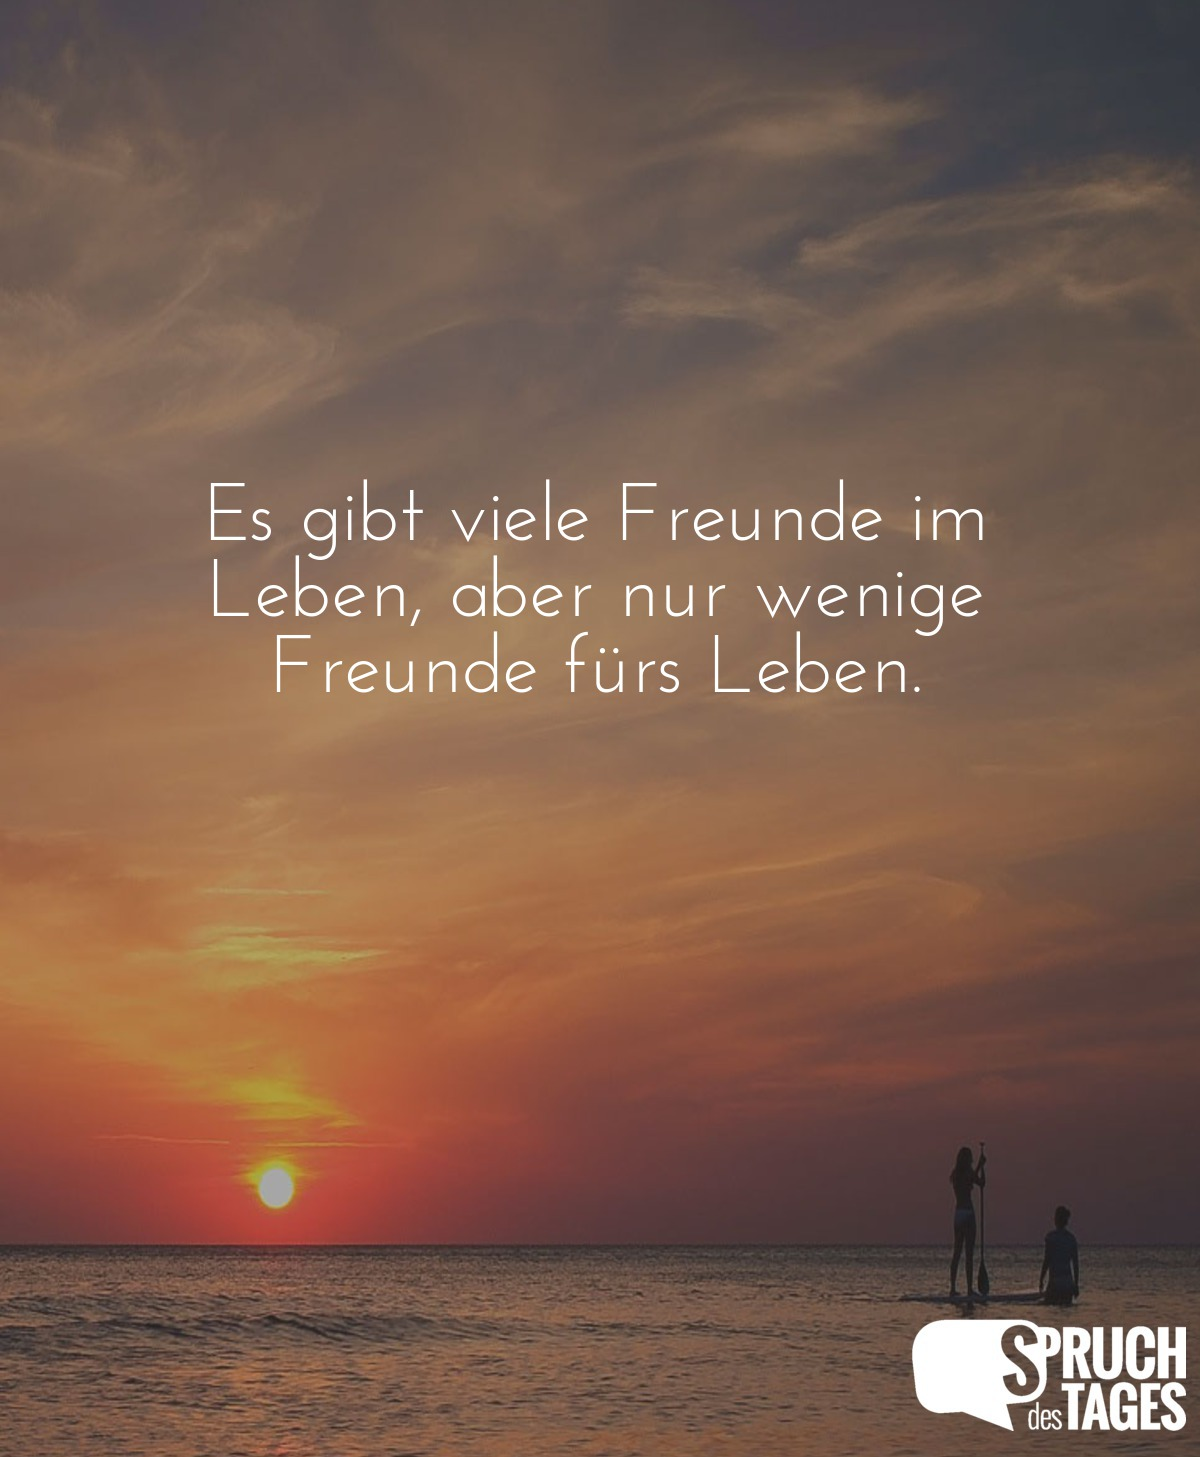 Freunde fürs leben spruch